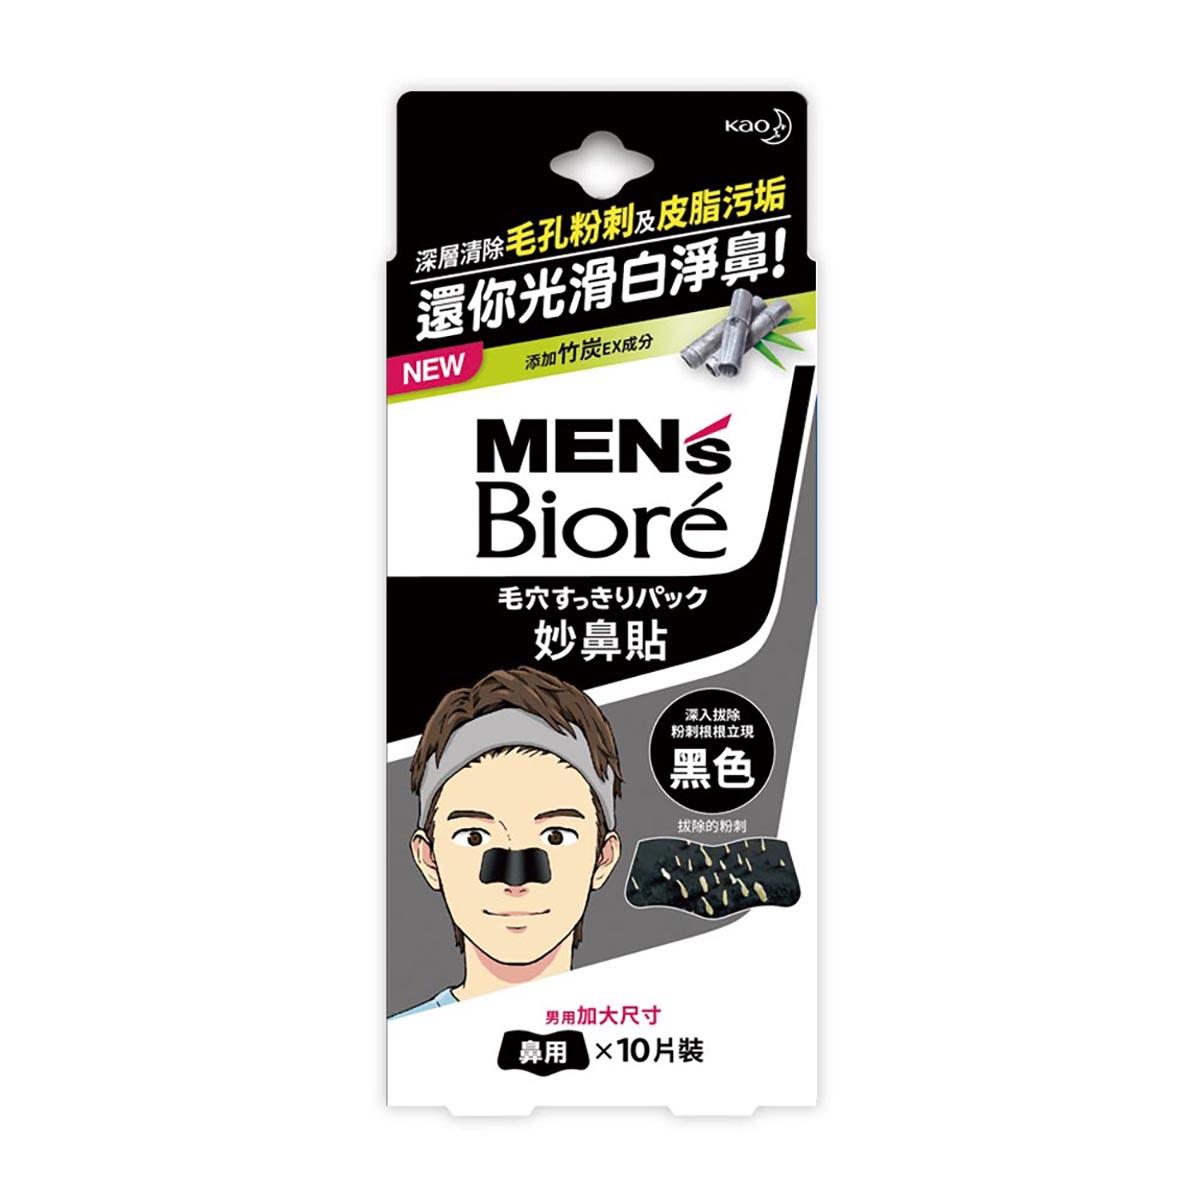 蜜妮Biore男性專用妙鼻貼(黑色)10p 入【康是美】